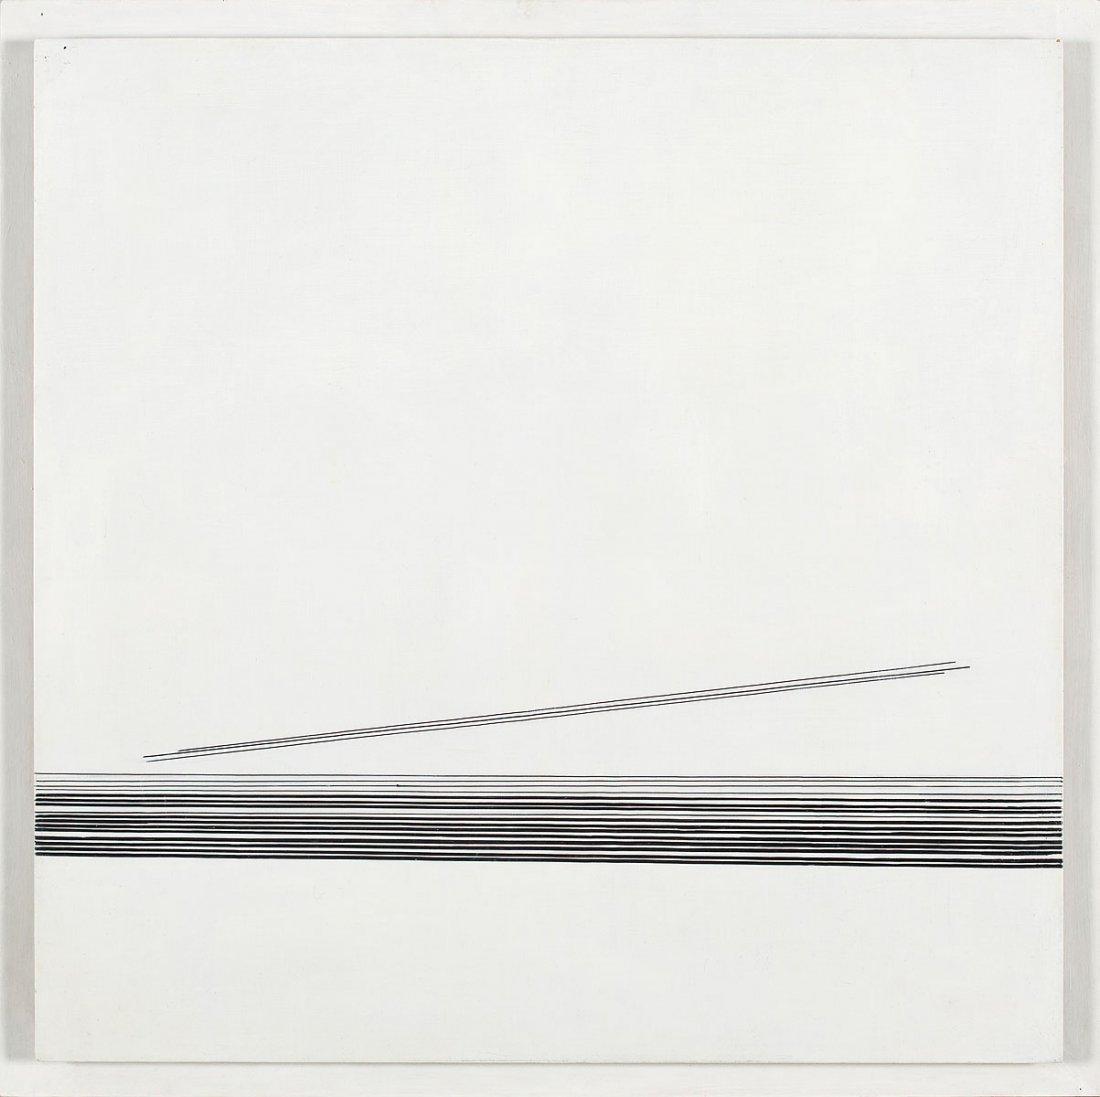 Stazewski Henryk , Relief 12, 1975